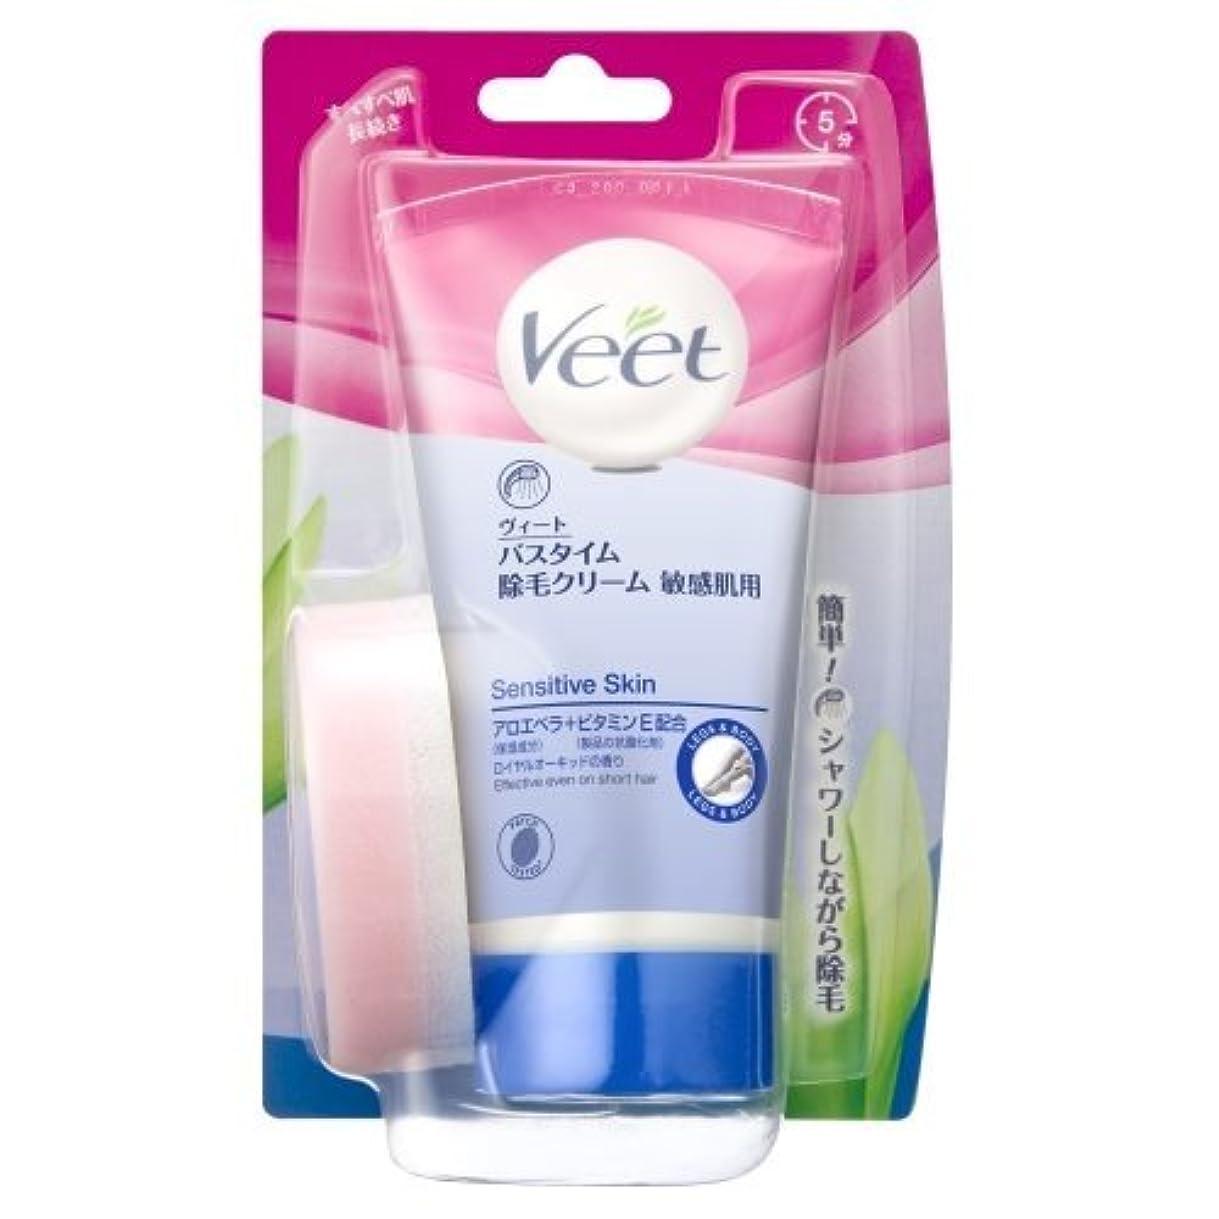 ドナウ川クリップようこそヴィート バスタイム 除毛クリーム 敏感肌用 150g (Veet In Shower Hair Removal Cream Sensitive 150g)